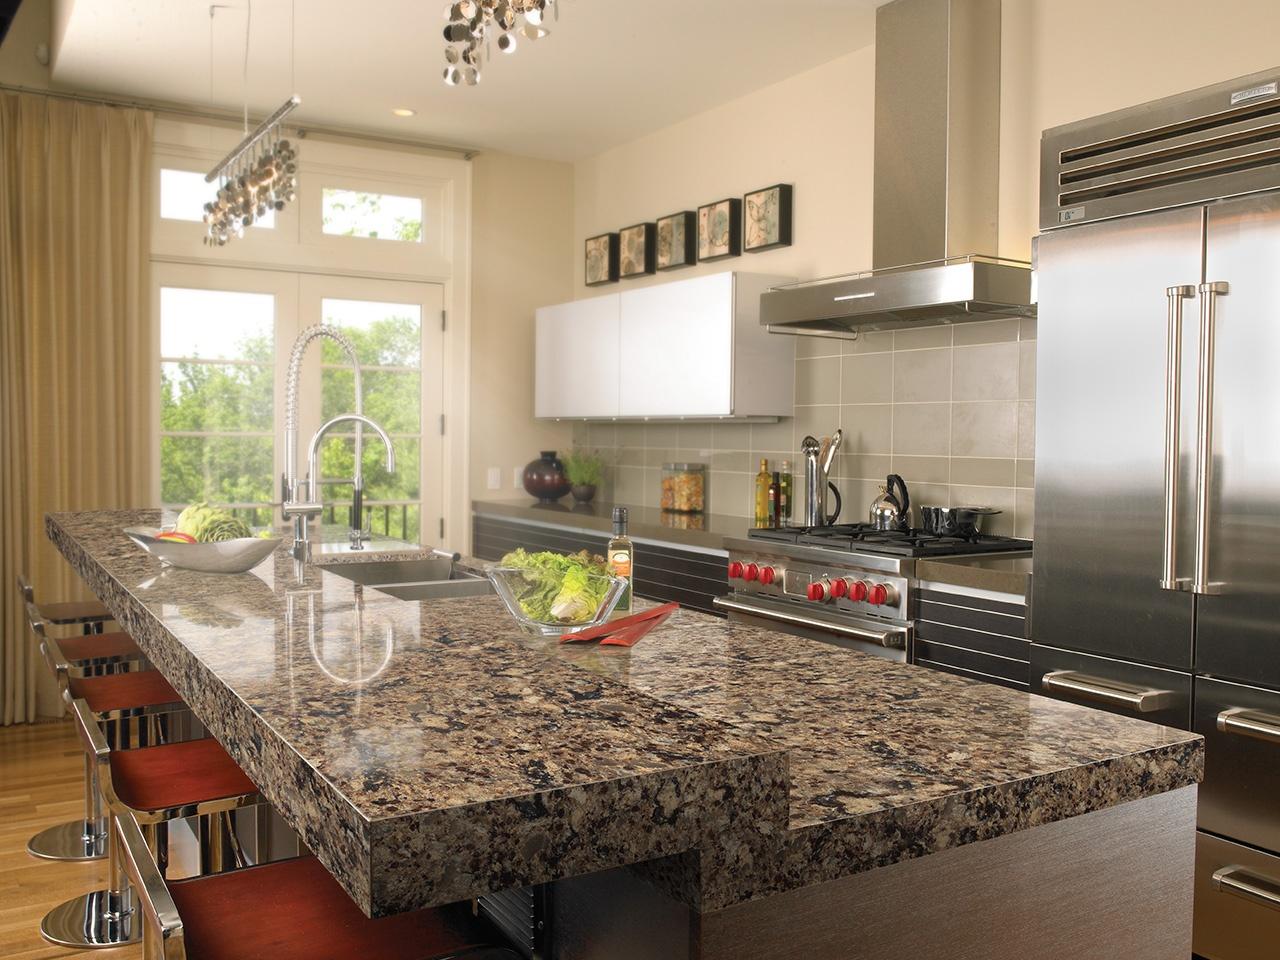 full-kitchen-feature.jpg